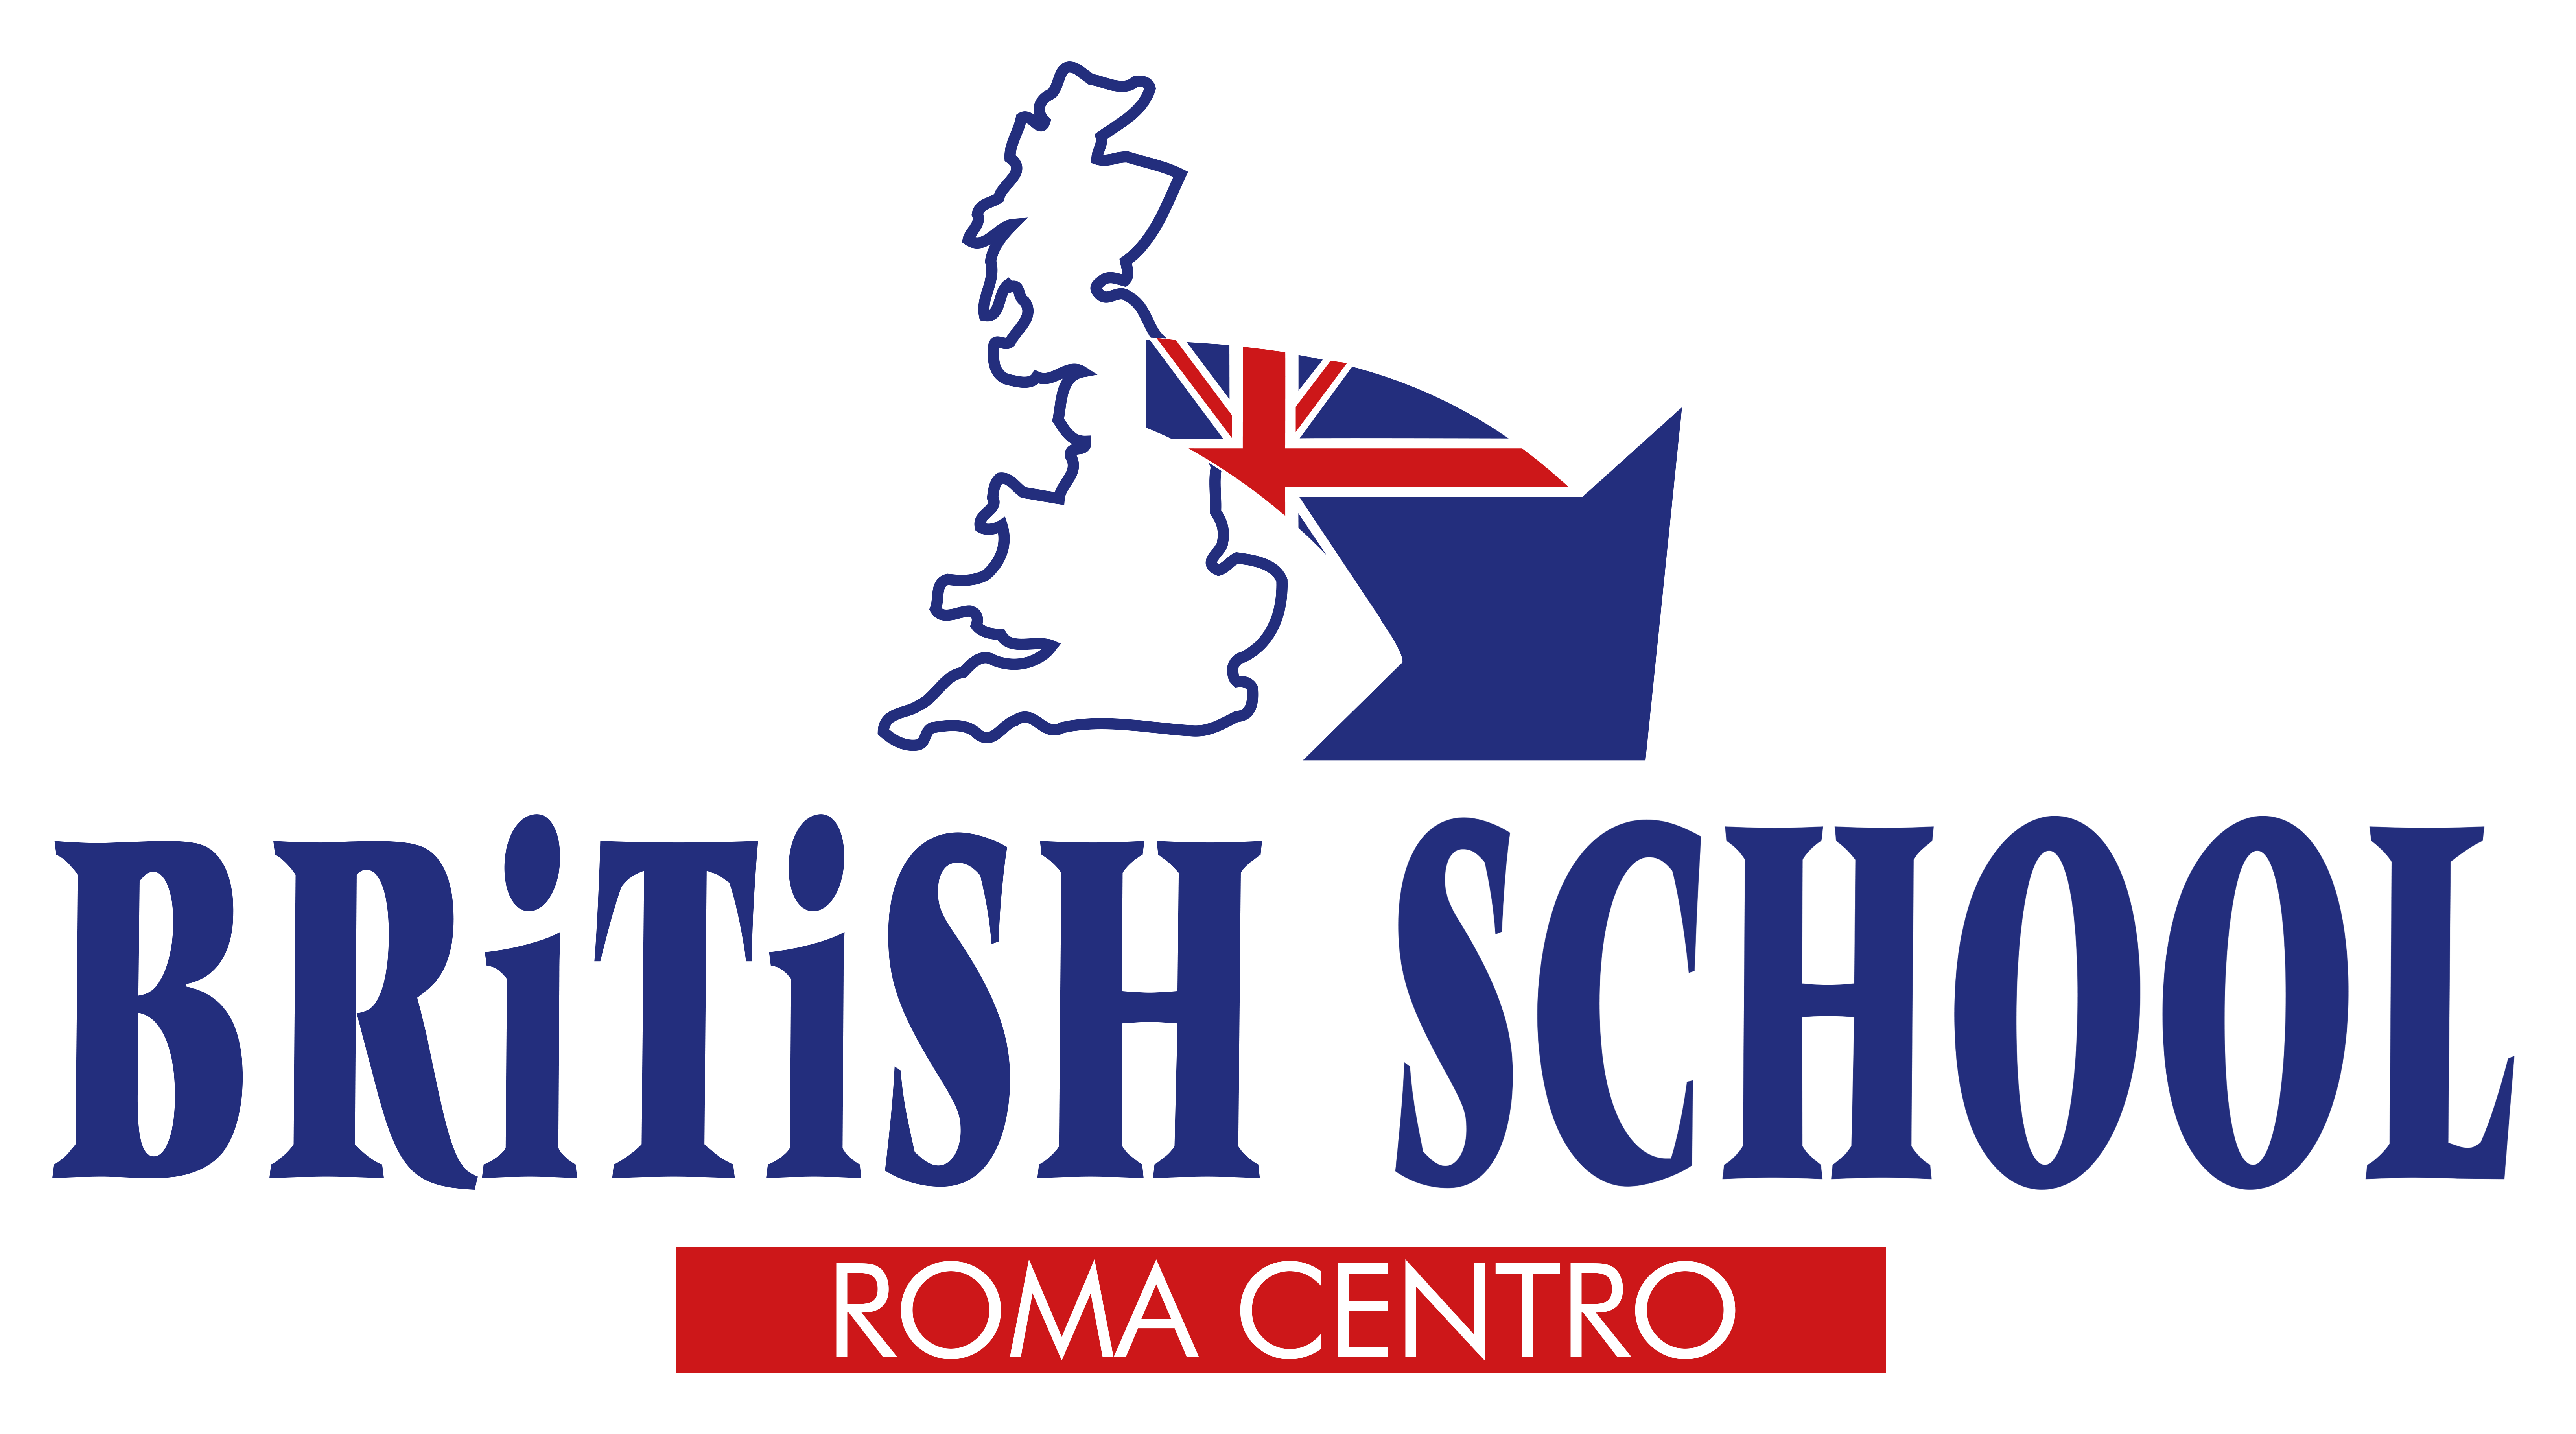 BRITISH SCHOOL ROMA CENTRO